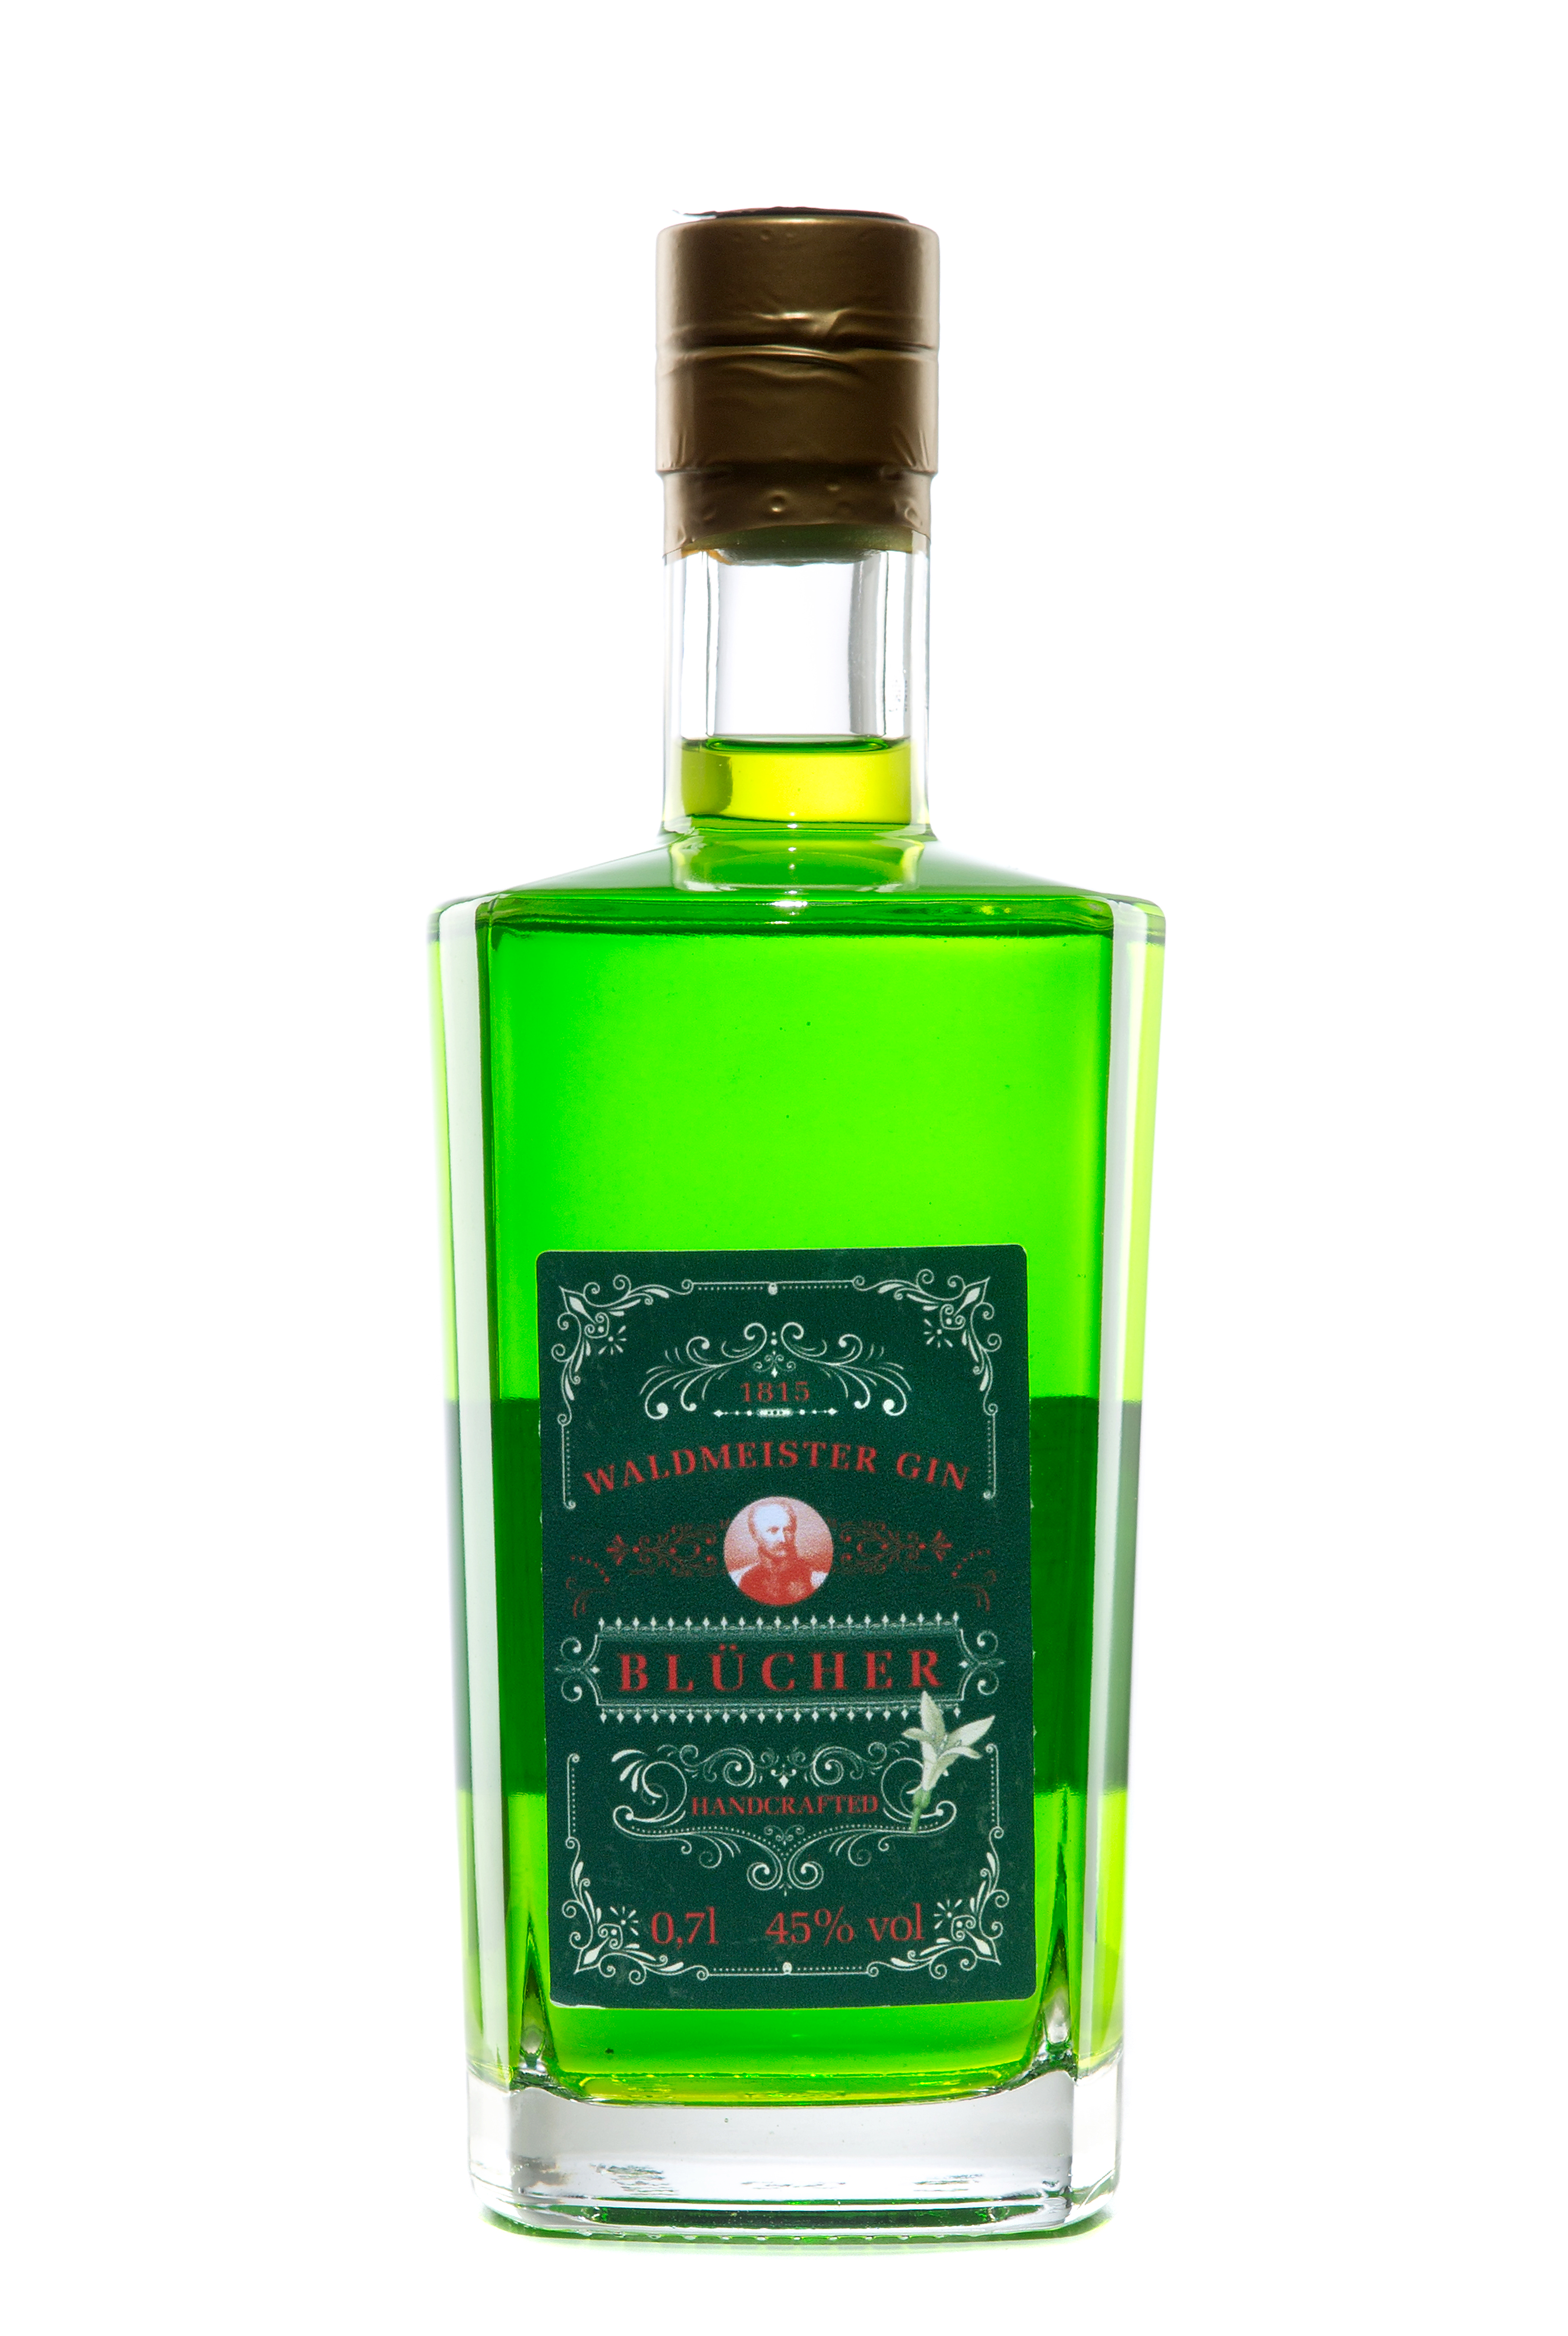 Blücher Waldmeister Gin